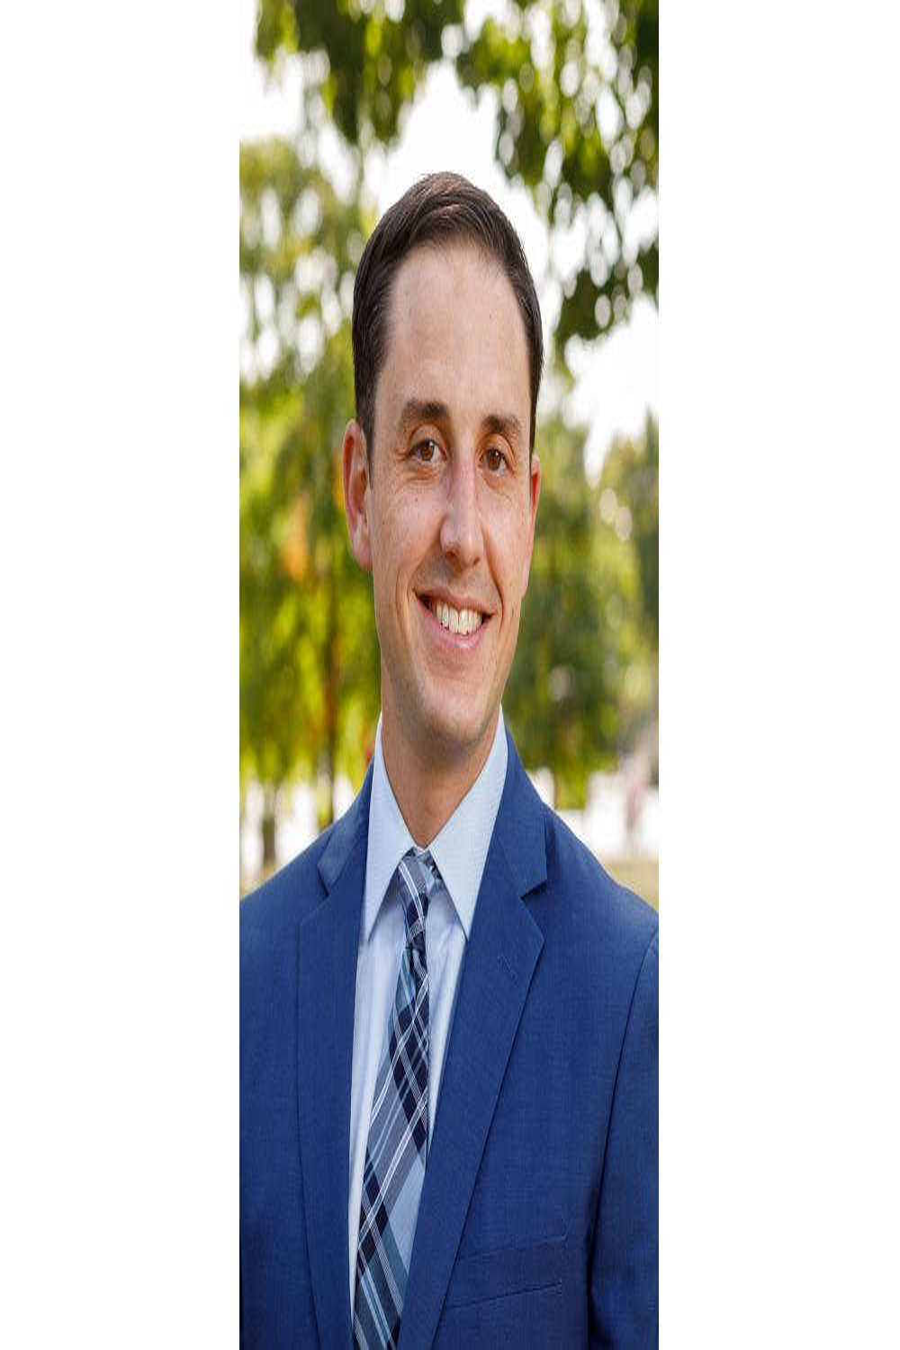 Josh Hurwitz